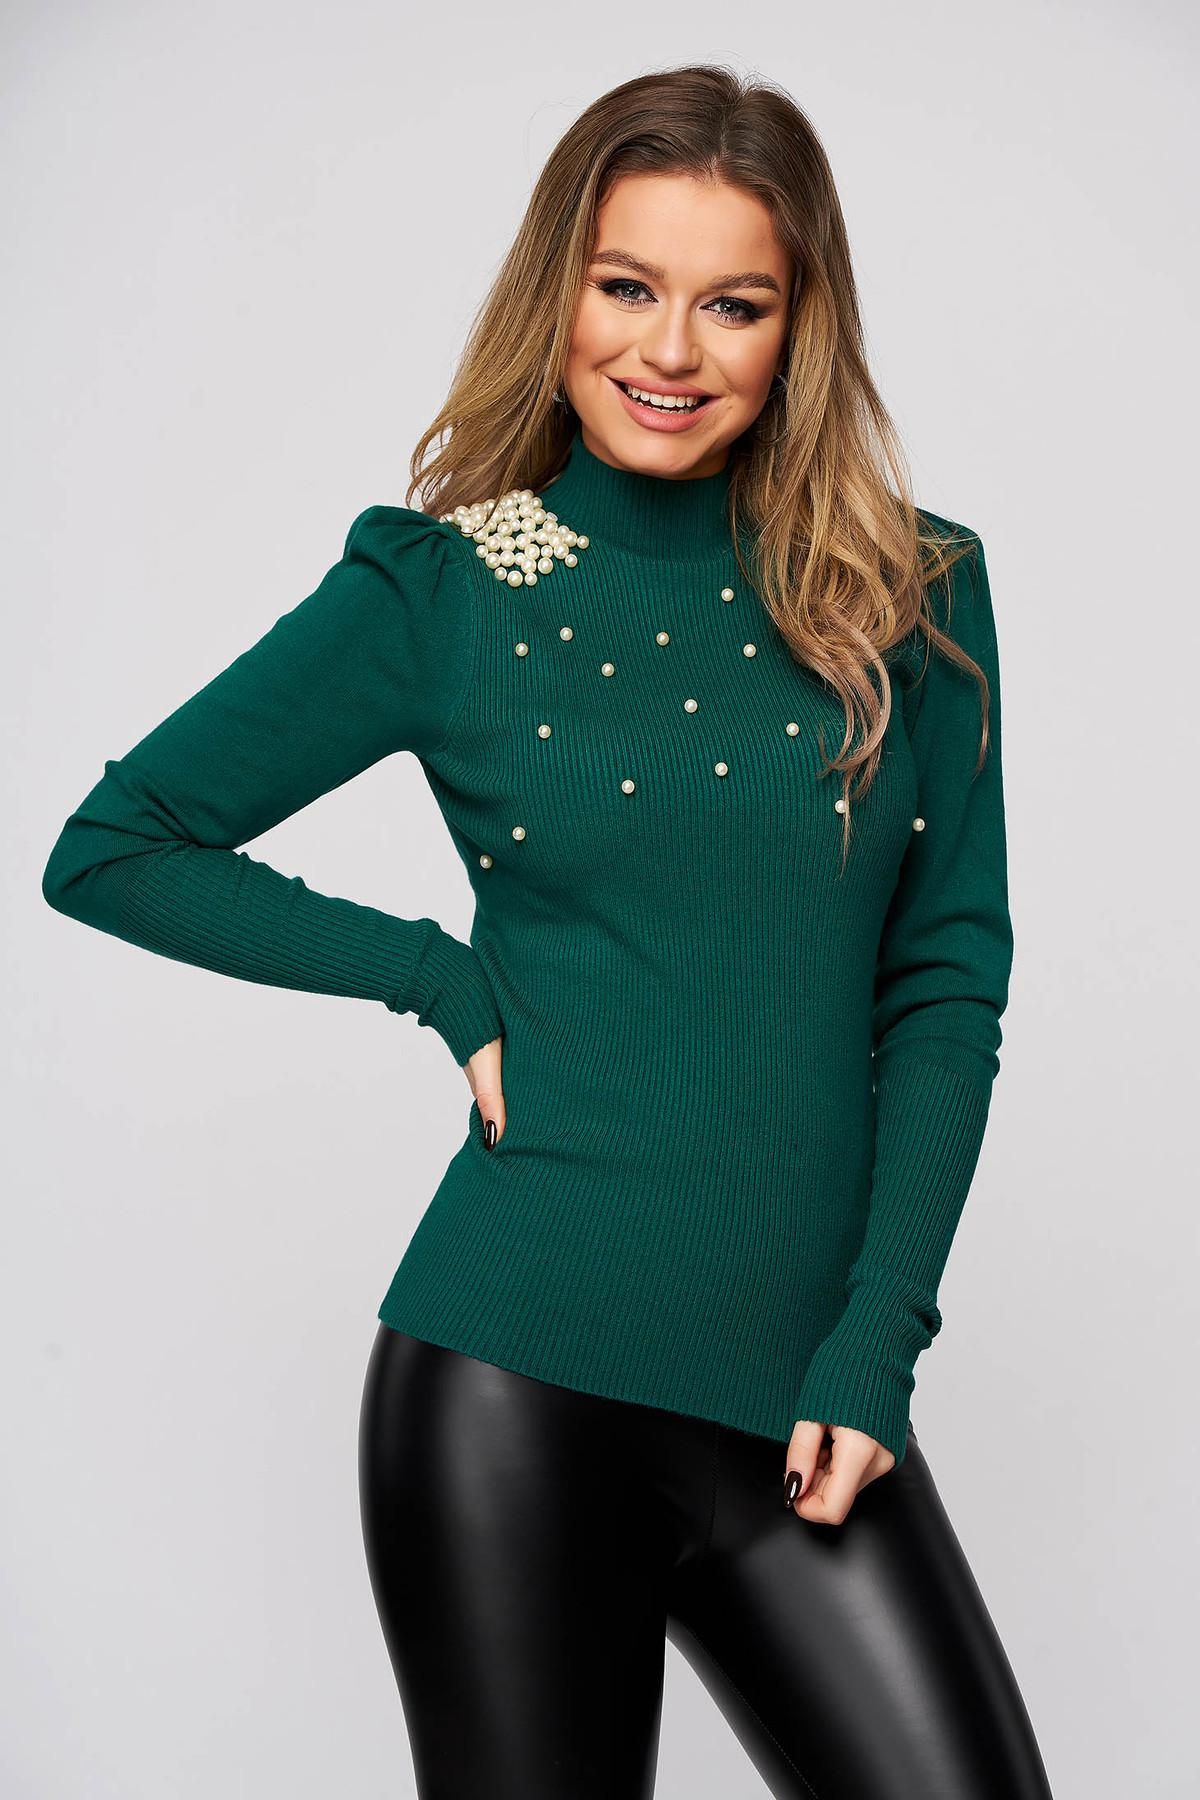 Pulover verde din material elastic si fin reiat pe gat mulat cu aplicatii cu perle